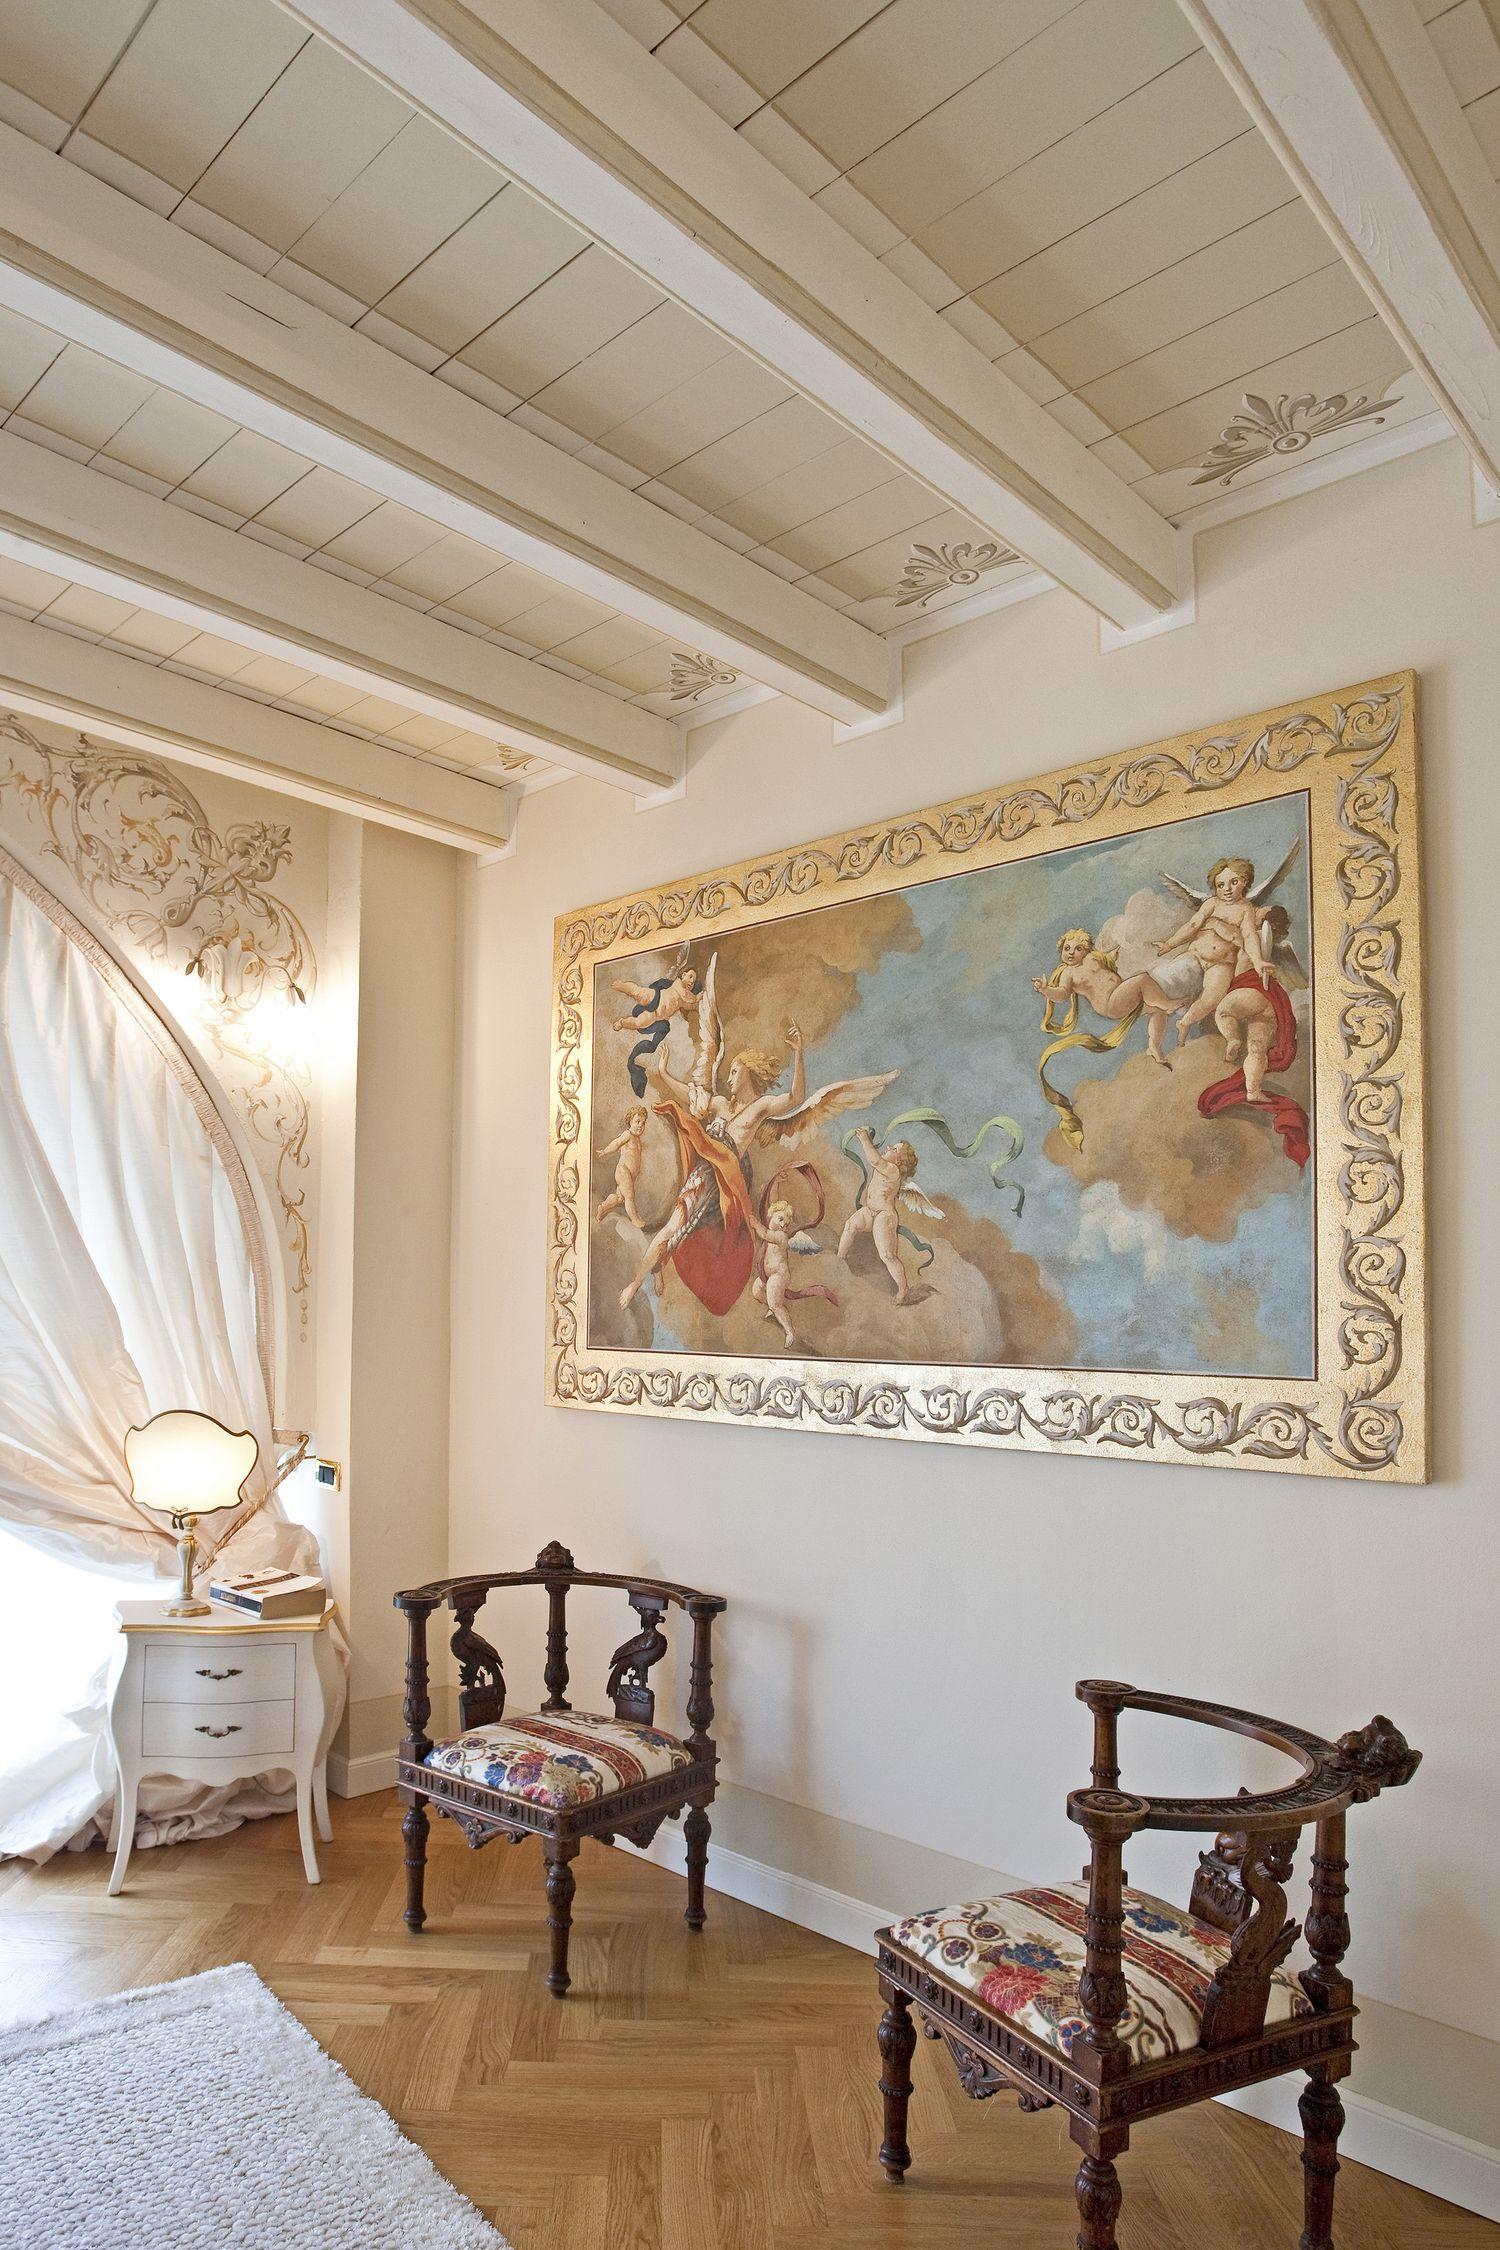 Uno splendido esempio di un affresco appeso alla parete firmato Mariani Affreschi